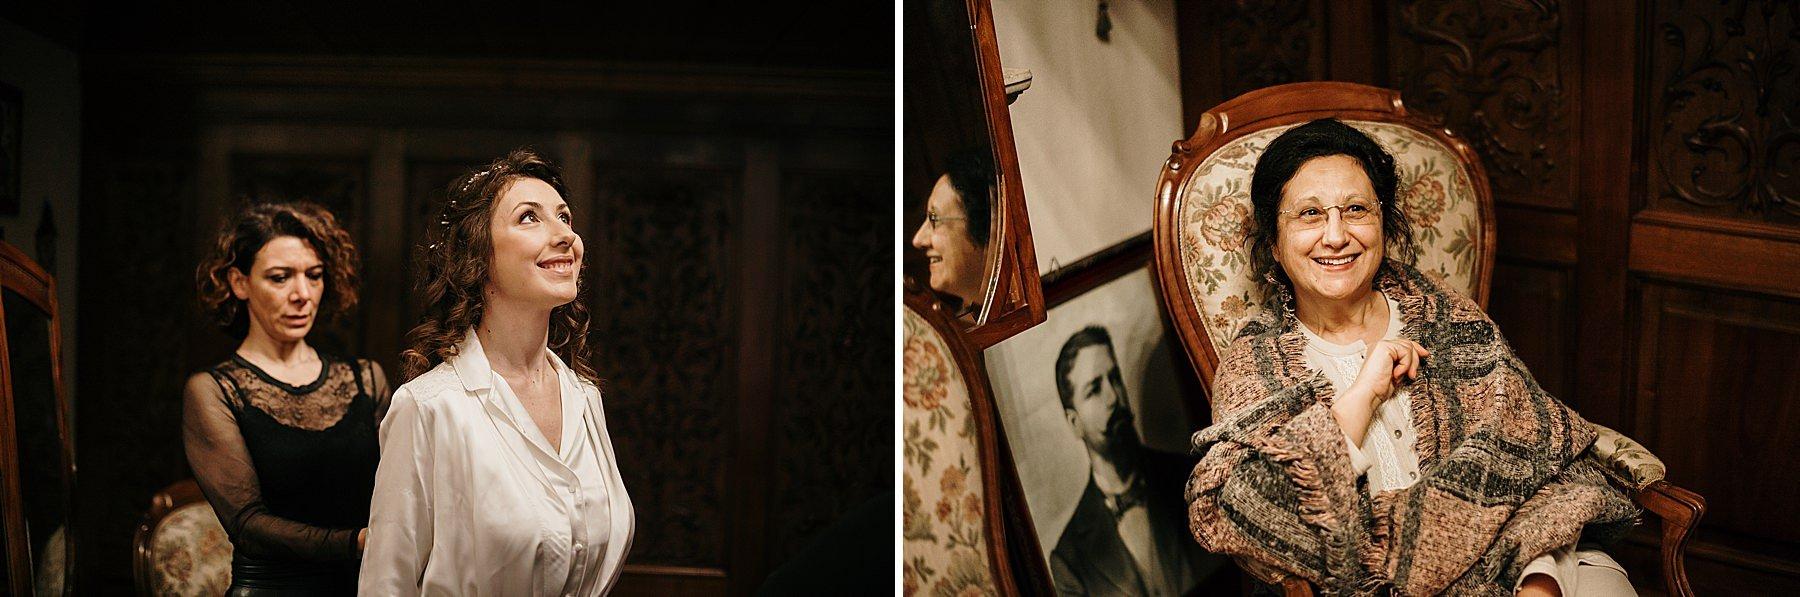 fotografia di matrimonio a firenze in inverno 713